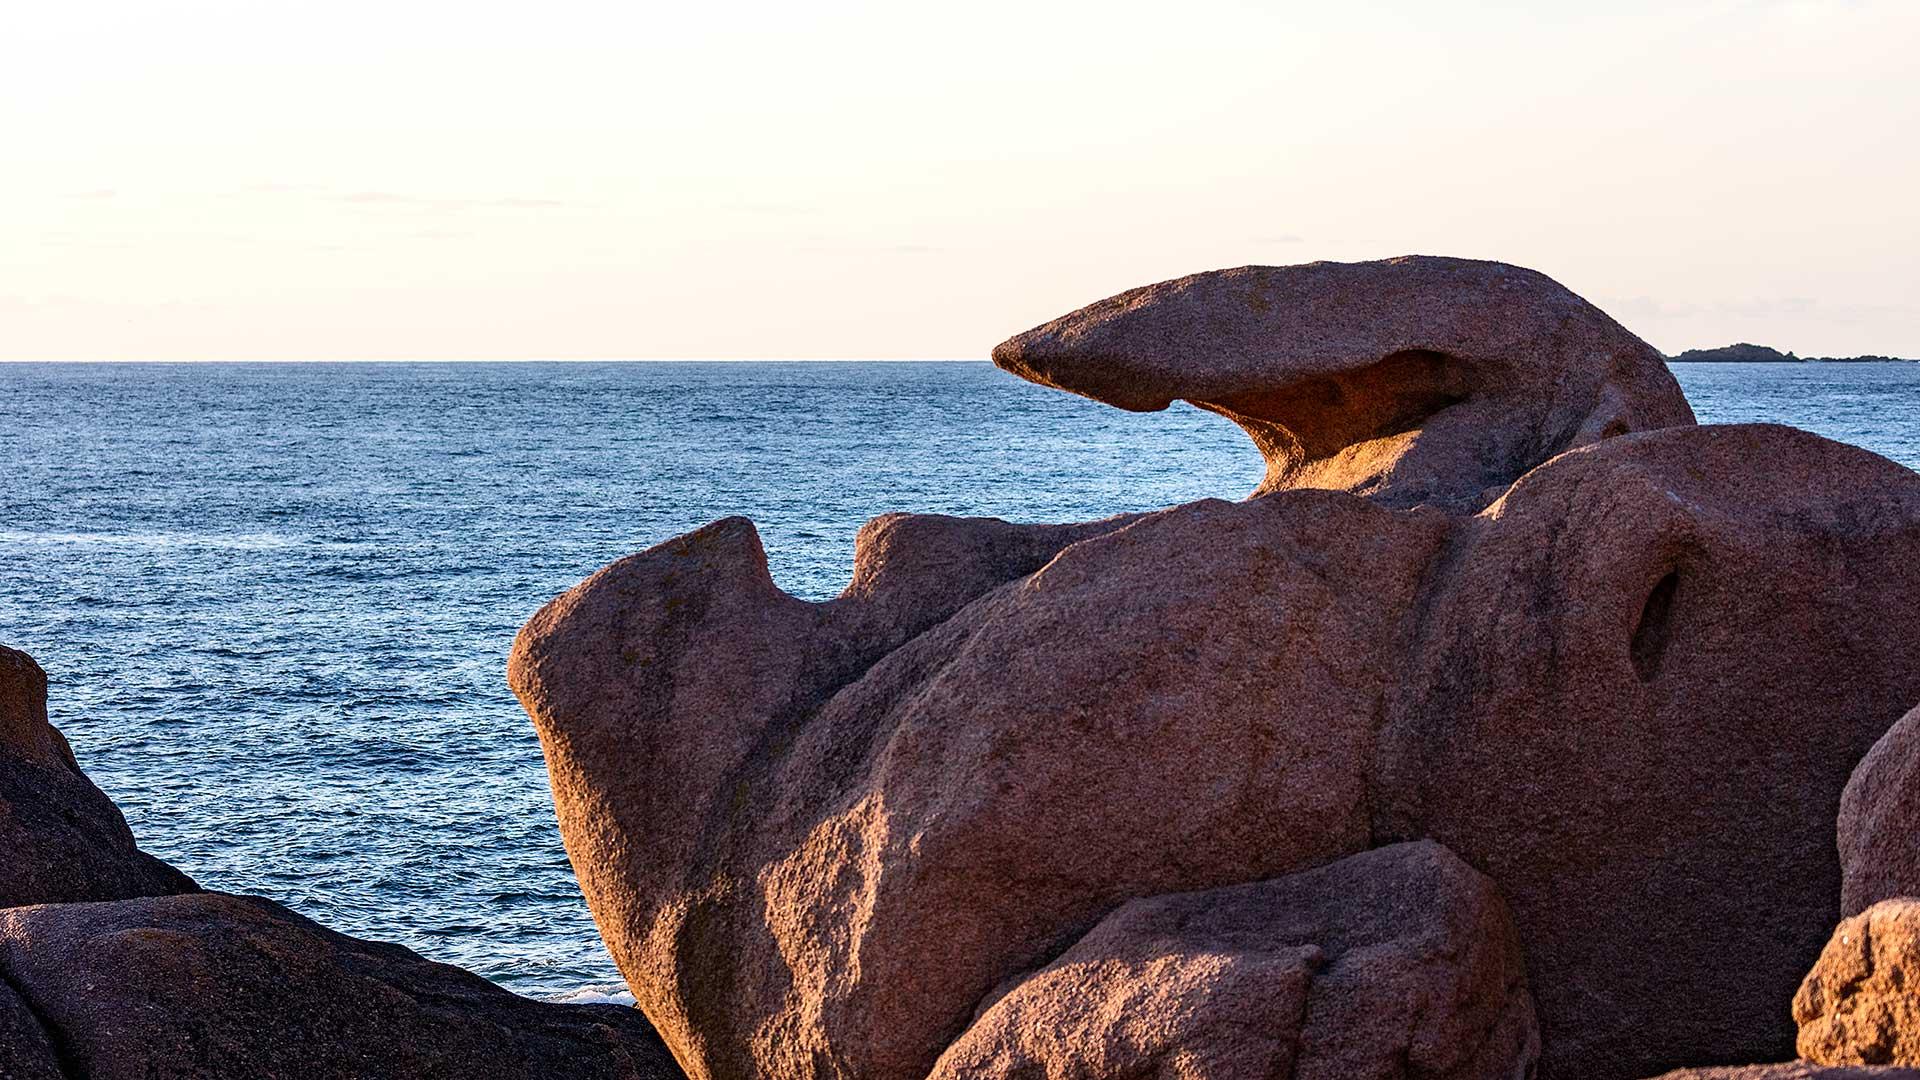 Landschaftsfotografie: Côte de Granit Rose – Meer im Zangengriff | Foto: Dieter Eikenberg, imprints